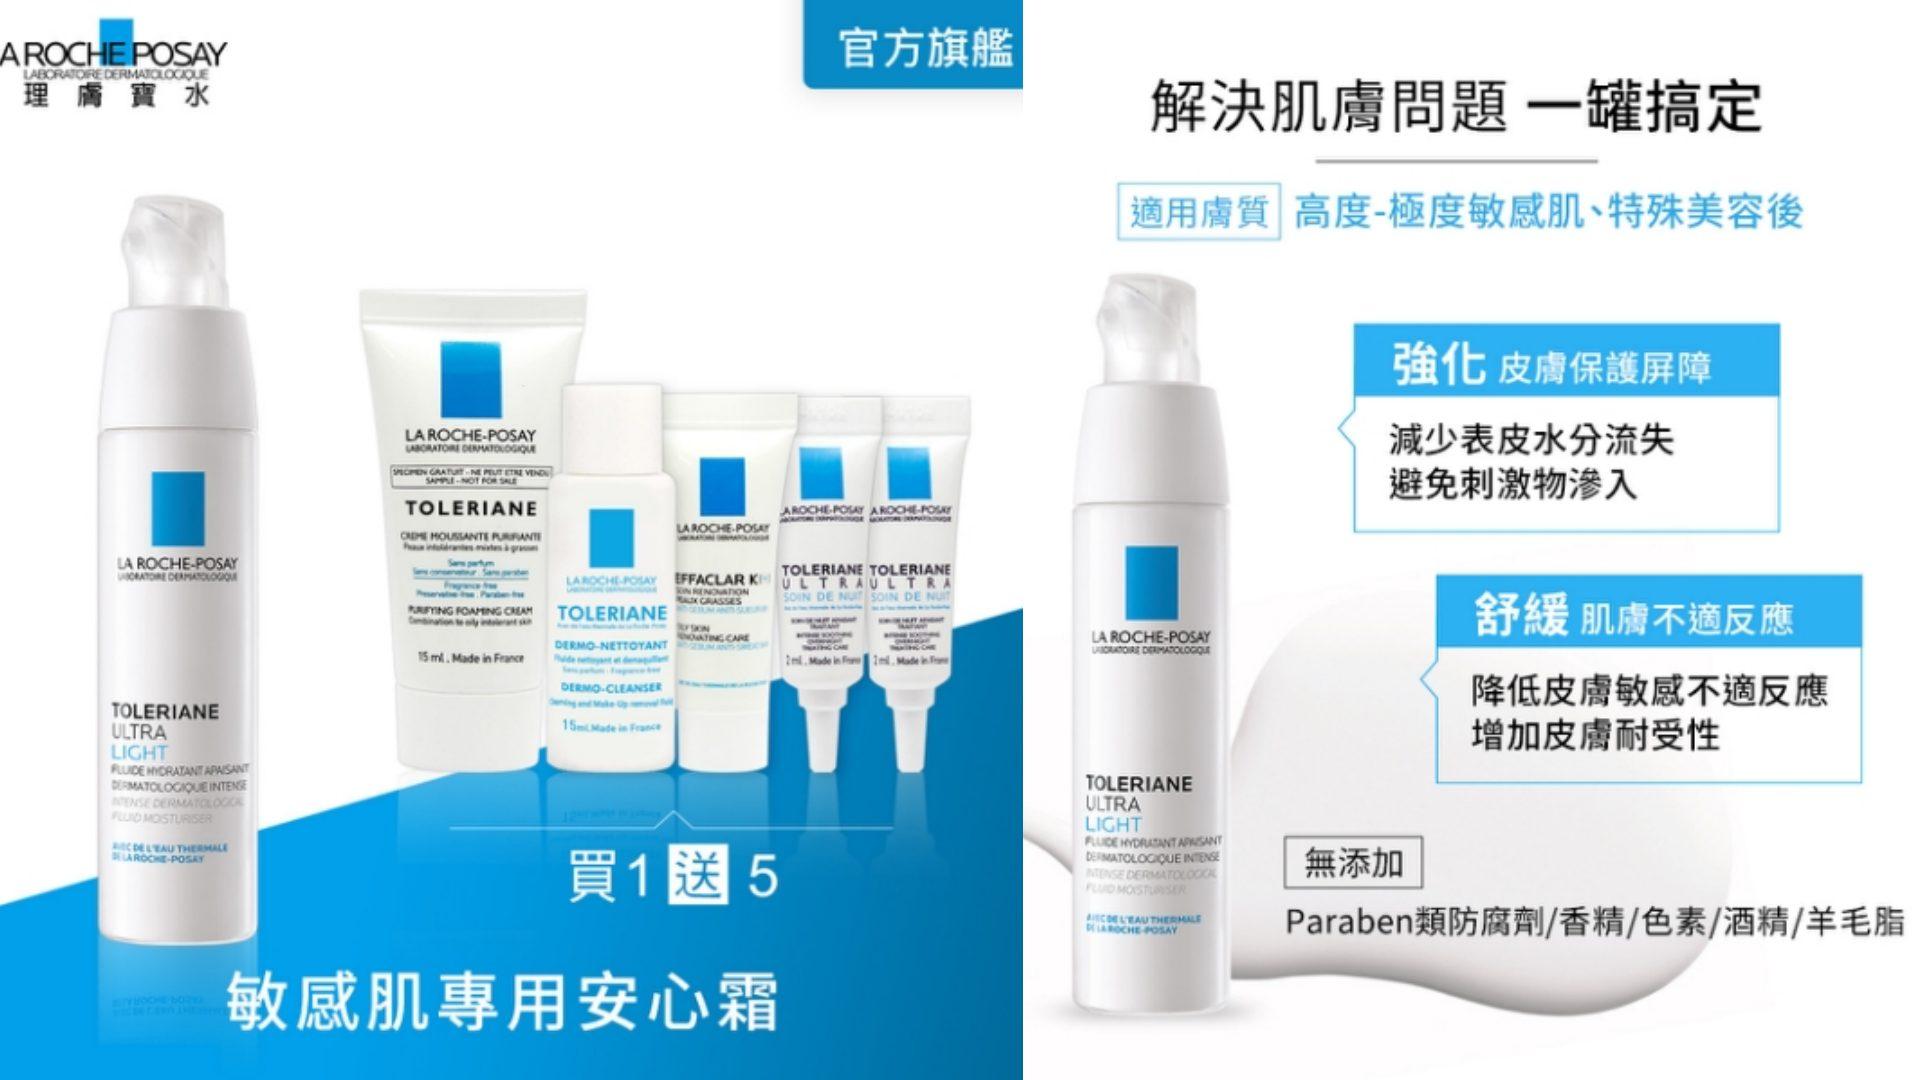 是一瓶專為敏感肌設計的霜類,能夠有效強化皮膚保護屏障,舒緩肌膚泛紅、脫屑、乾癢等敏感不適症狀